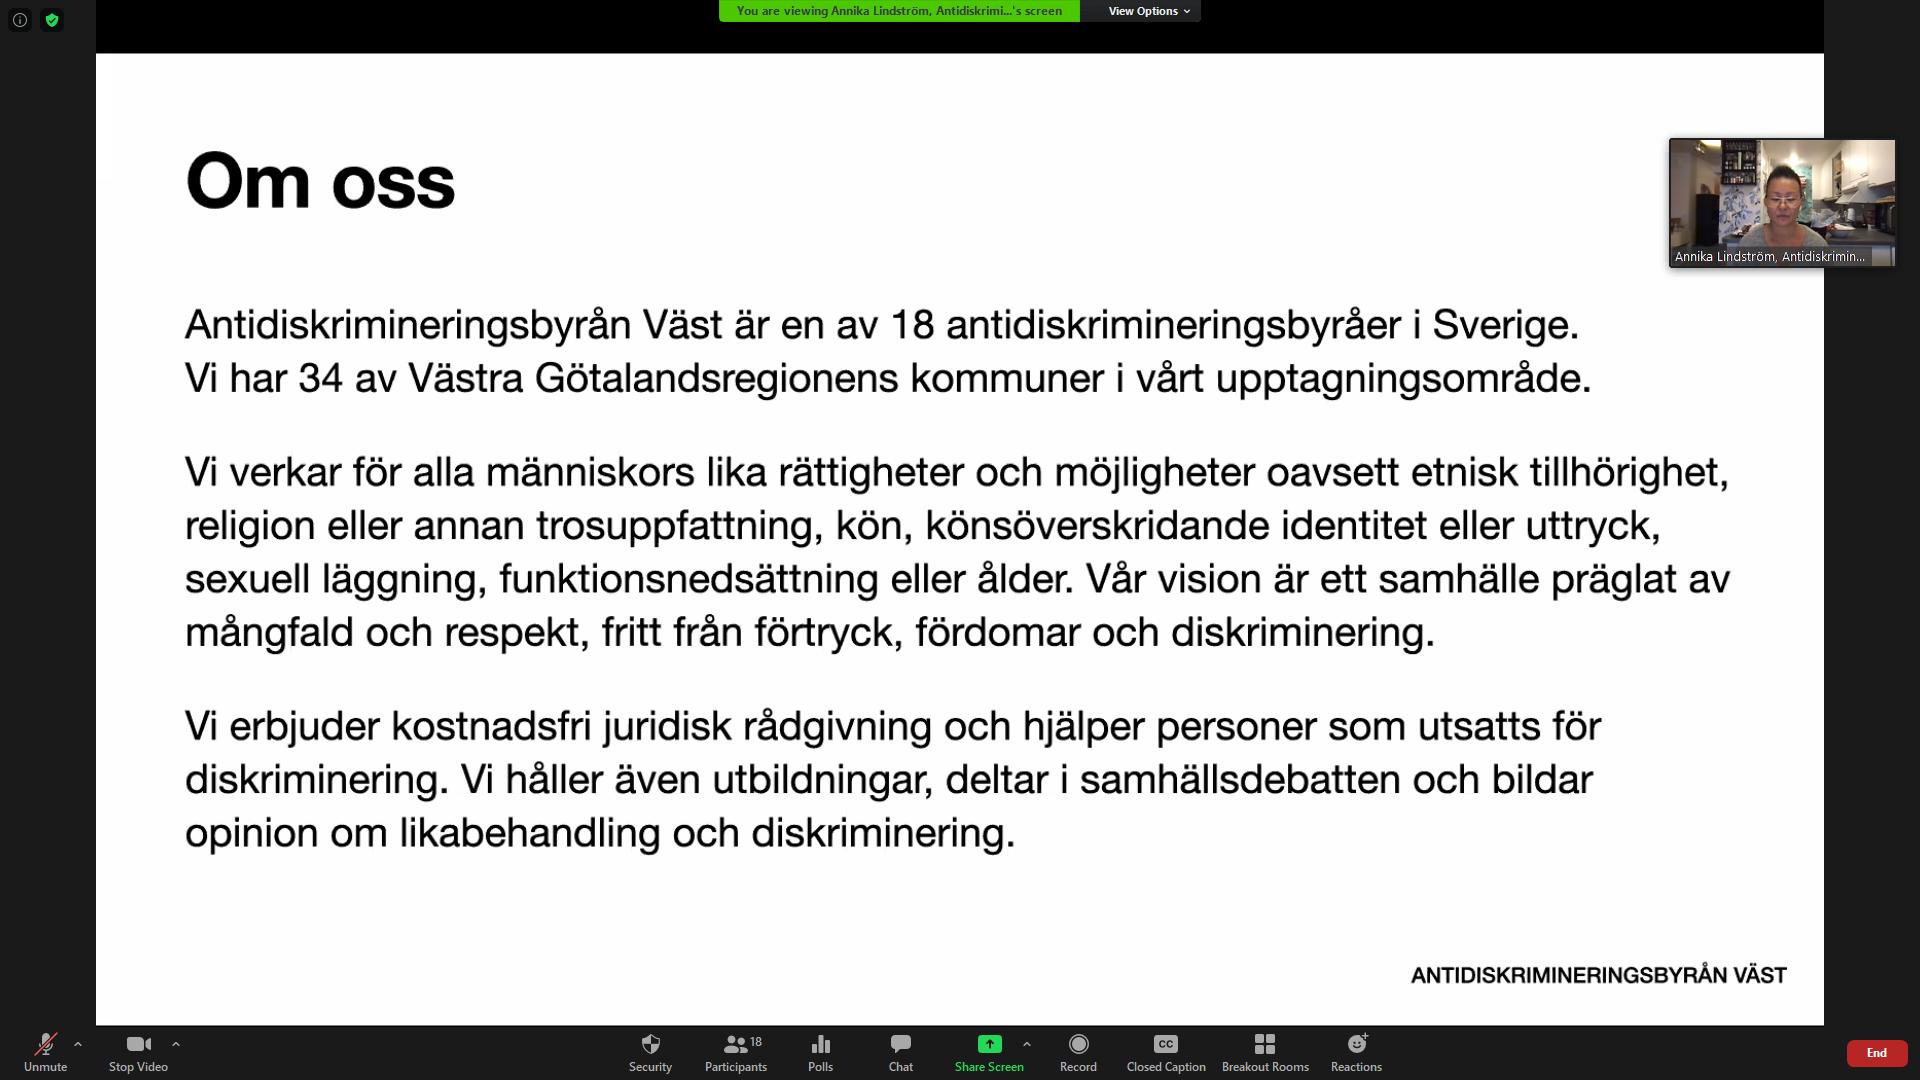 """Bilden är en skärmdump från Annika Lindströms presentation om Antidiskrimineringsbyrån Väst. Rubriken är """"Om oss"""" och under står information om byrån. En liten ruta med Annikas ansikte syns i hörnet av bilden."""